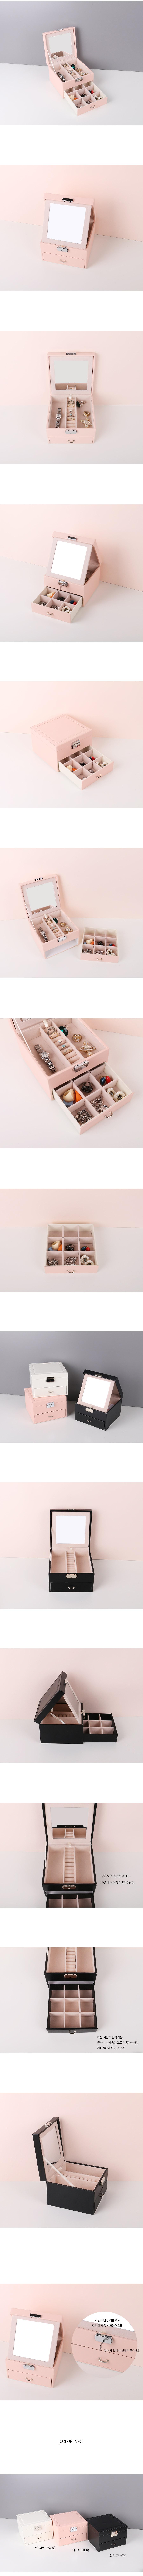 보석함 거울 서랍 악세사리보관함 - 릴리, 22,000원, 보관함/진열대, 주얼리보관함